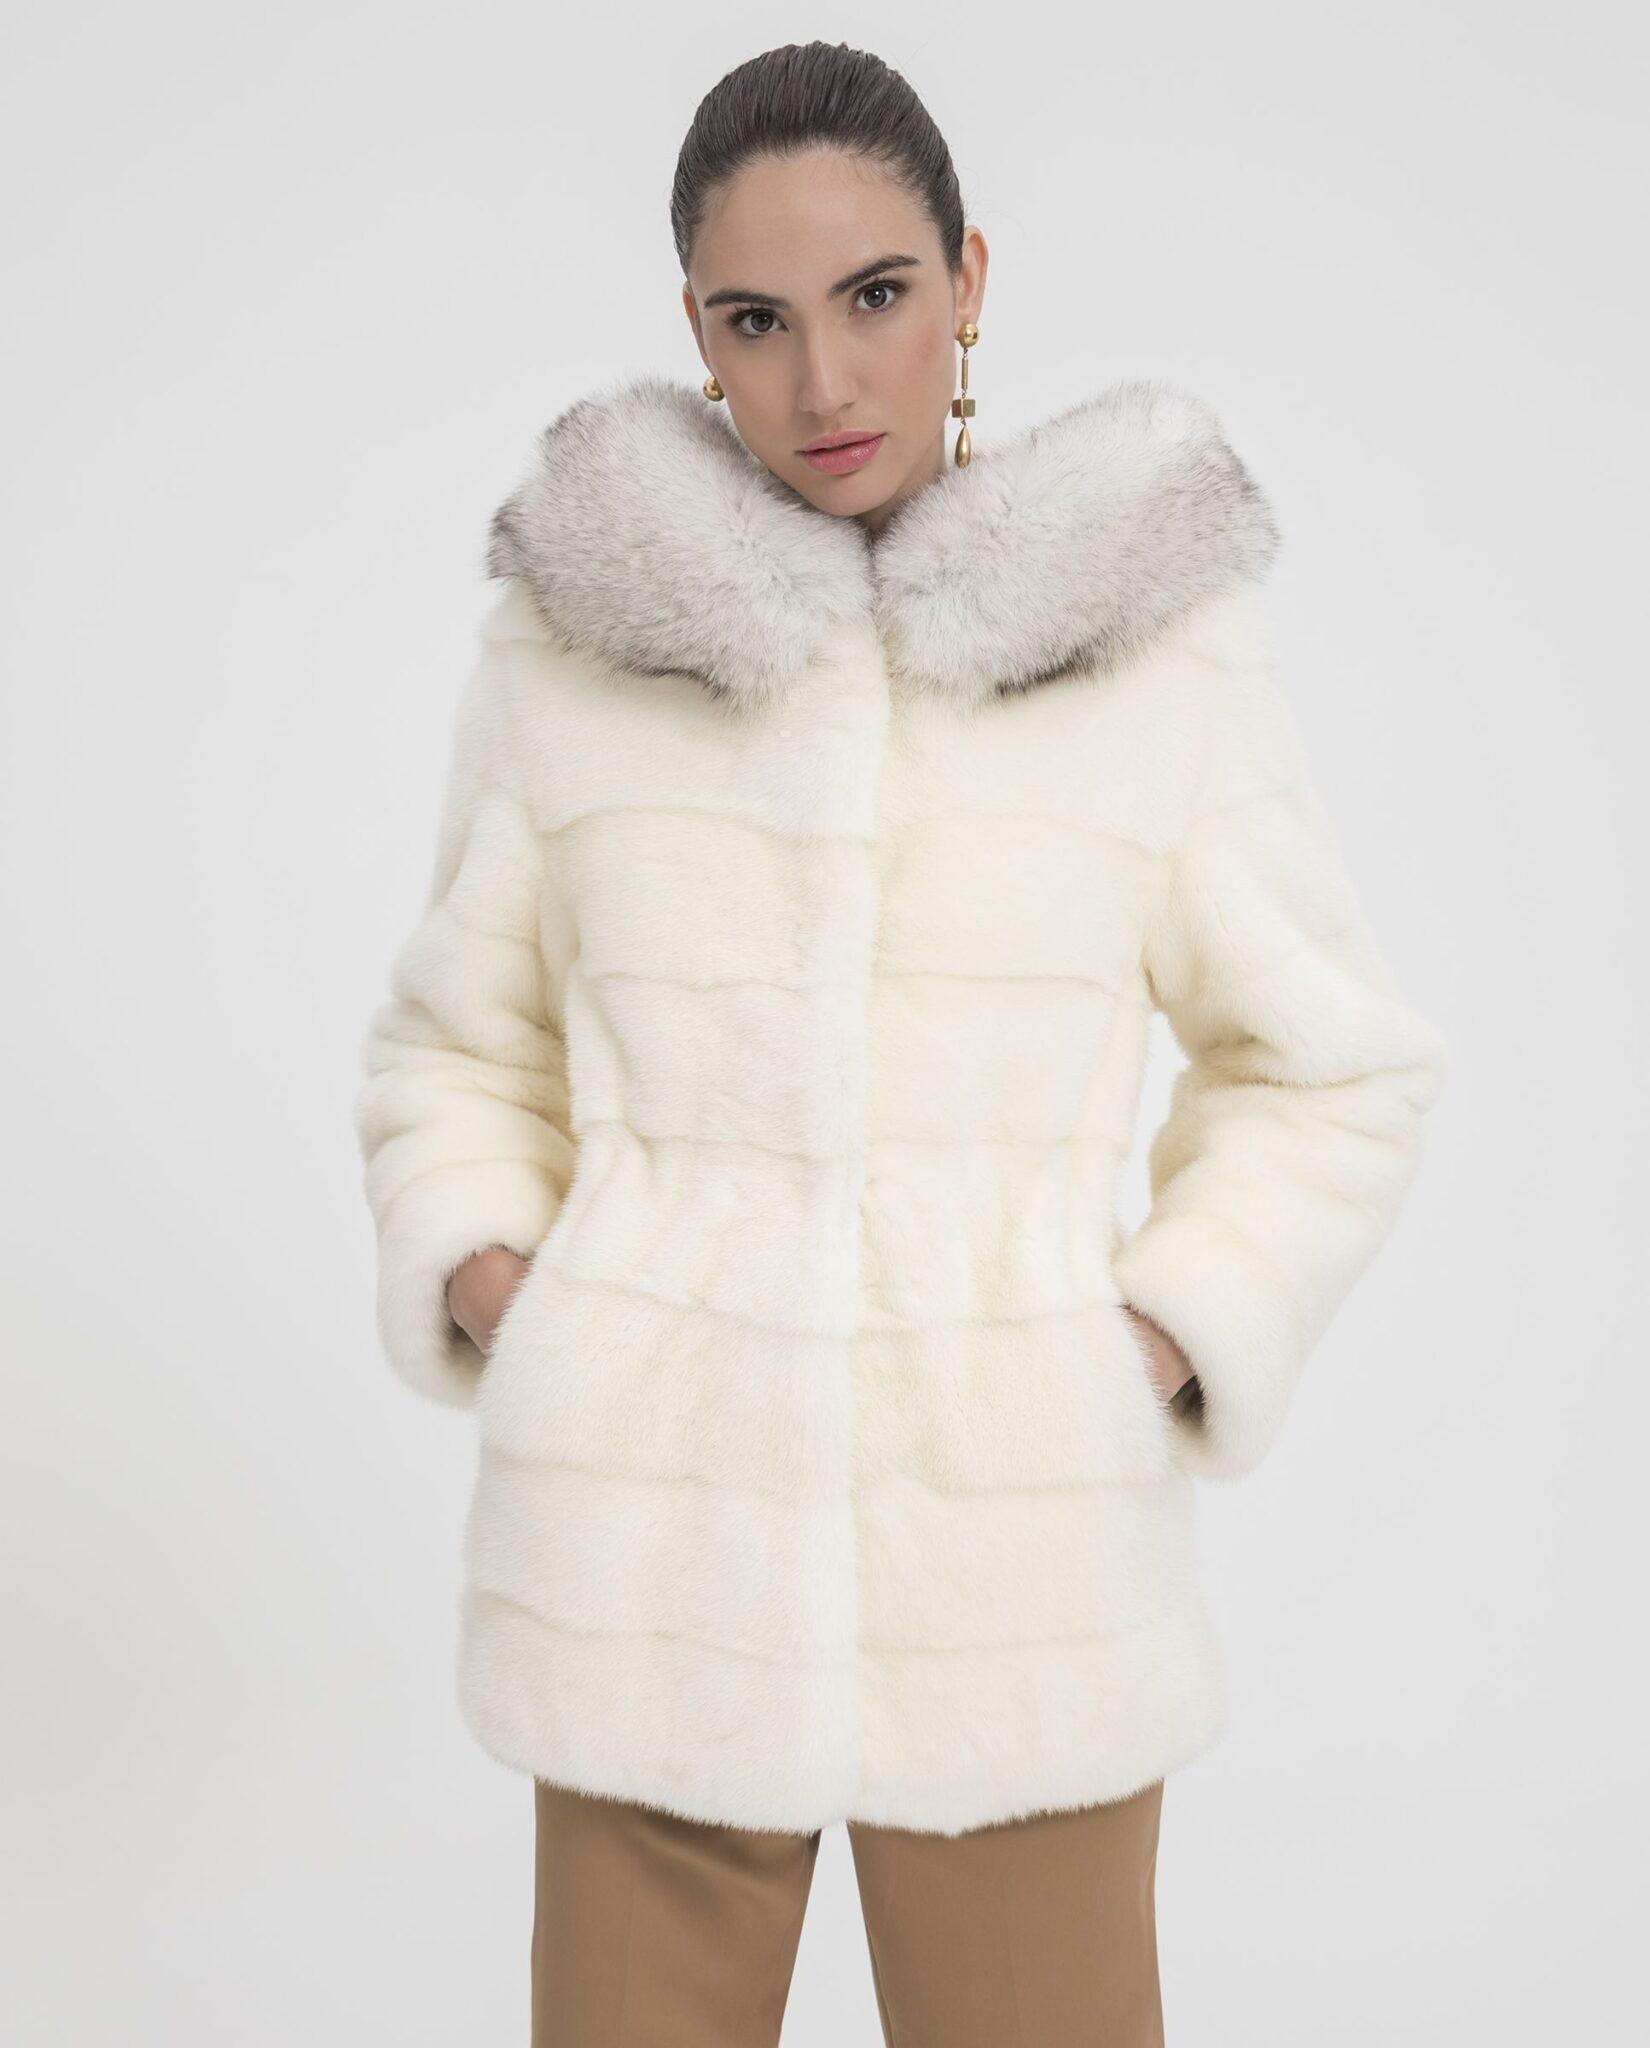 Abrigo de mujer De la Roca de visón Saga blanco con capucha